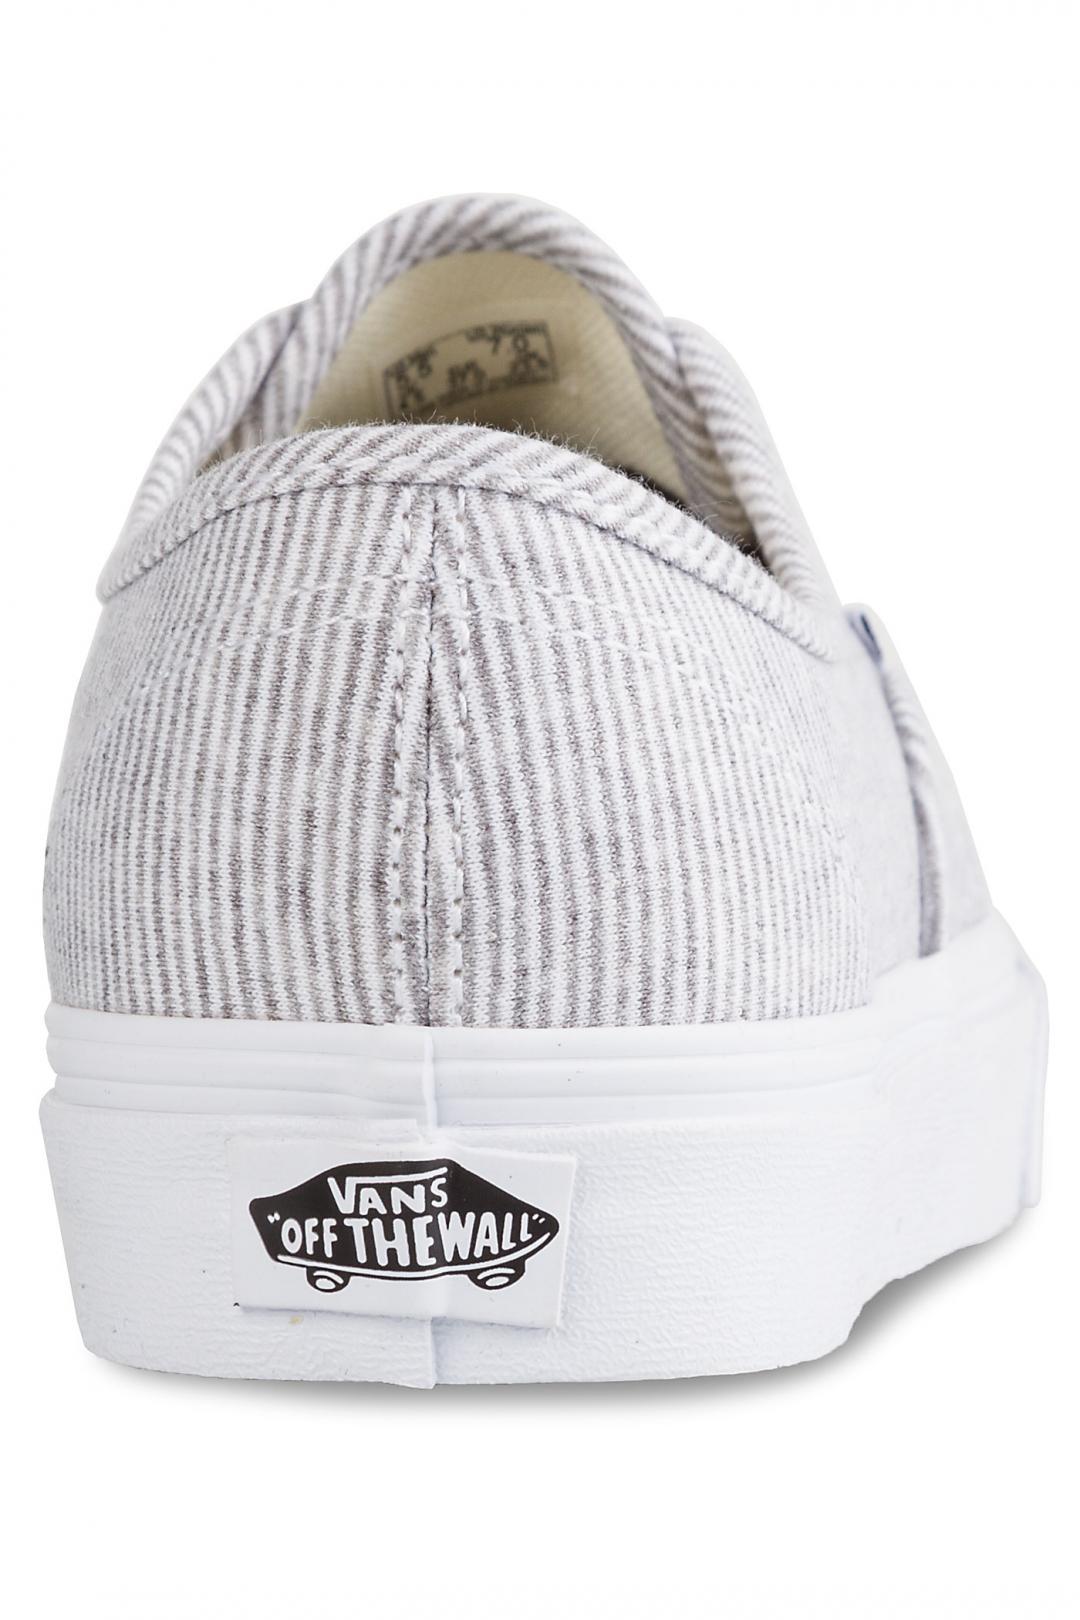 Donna Vans Authentic jersey grey   Sneakers low top